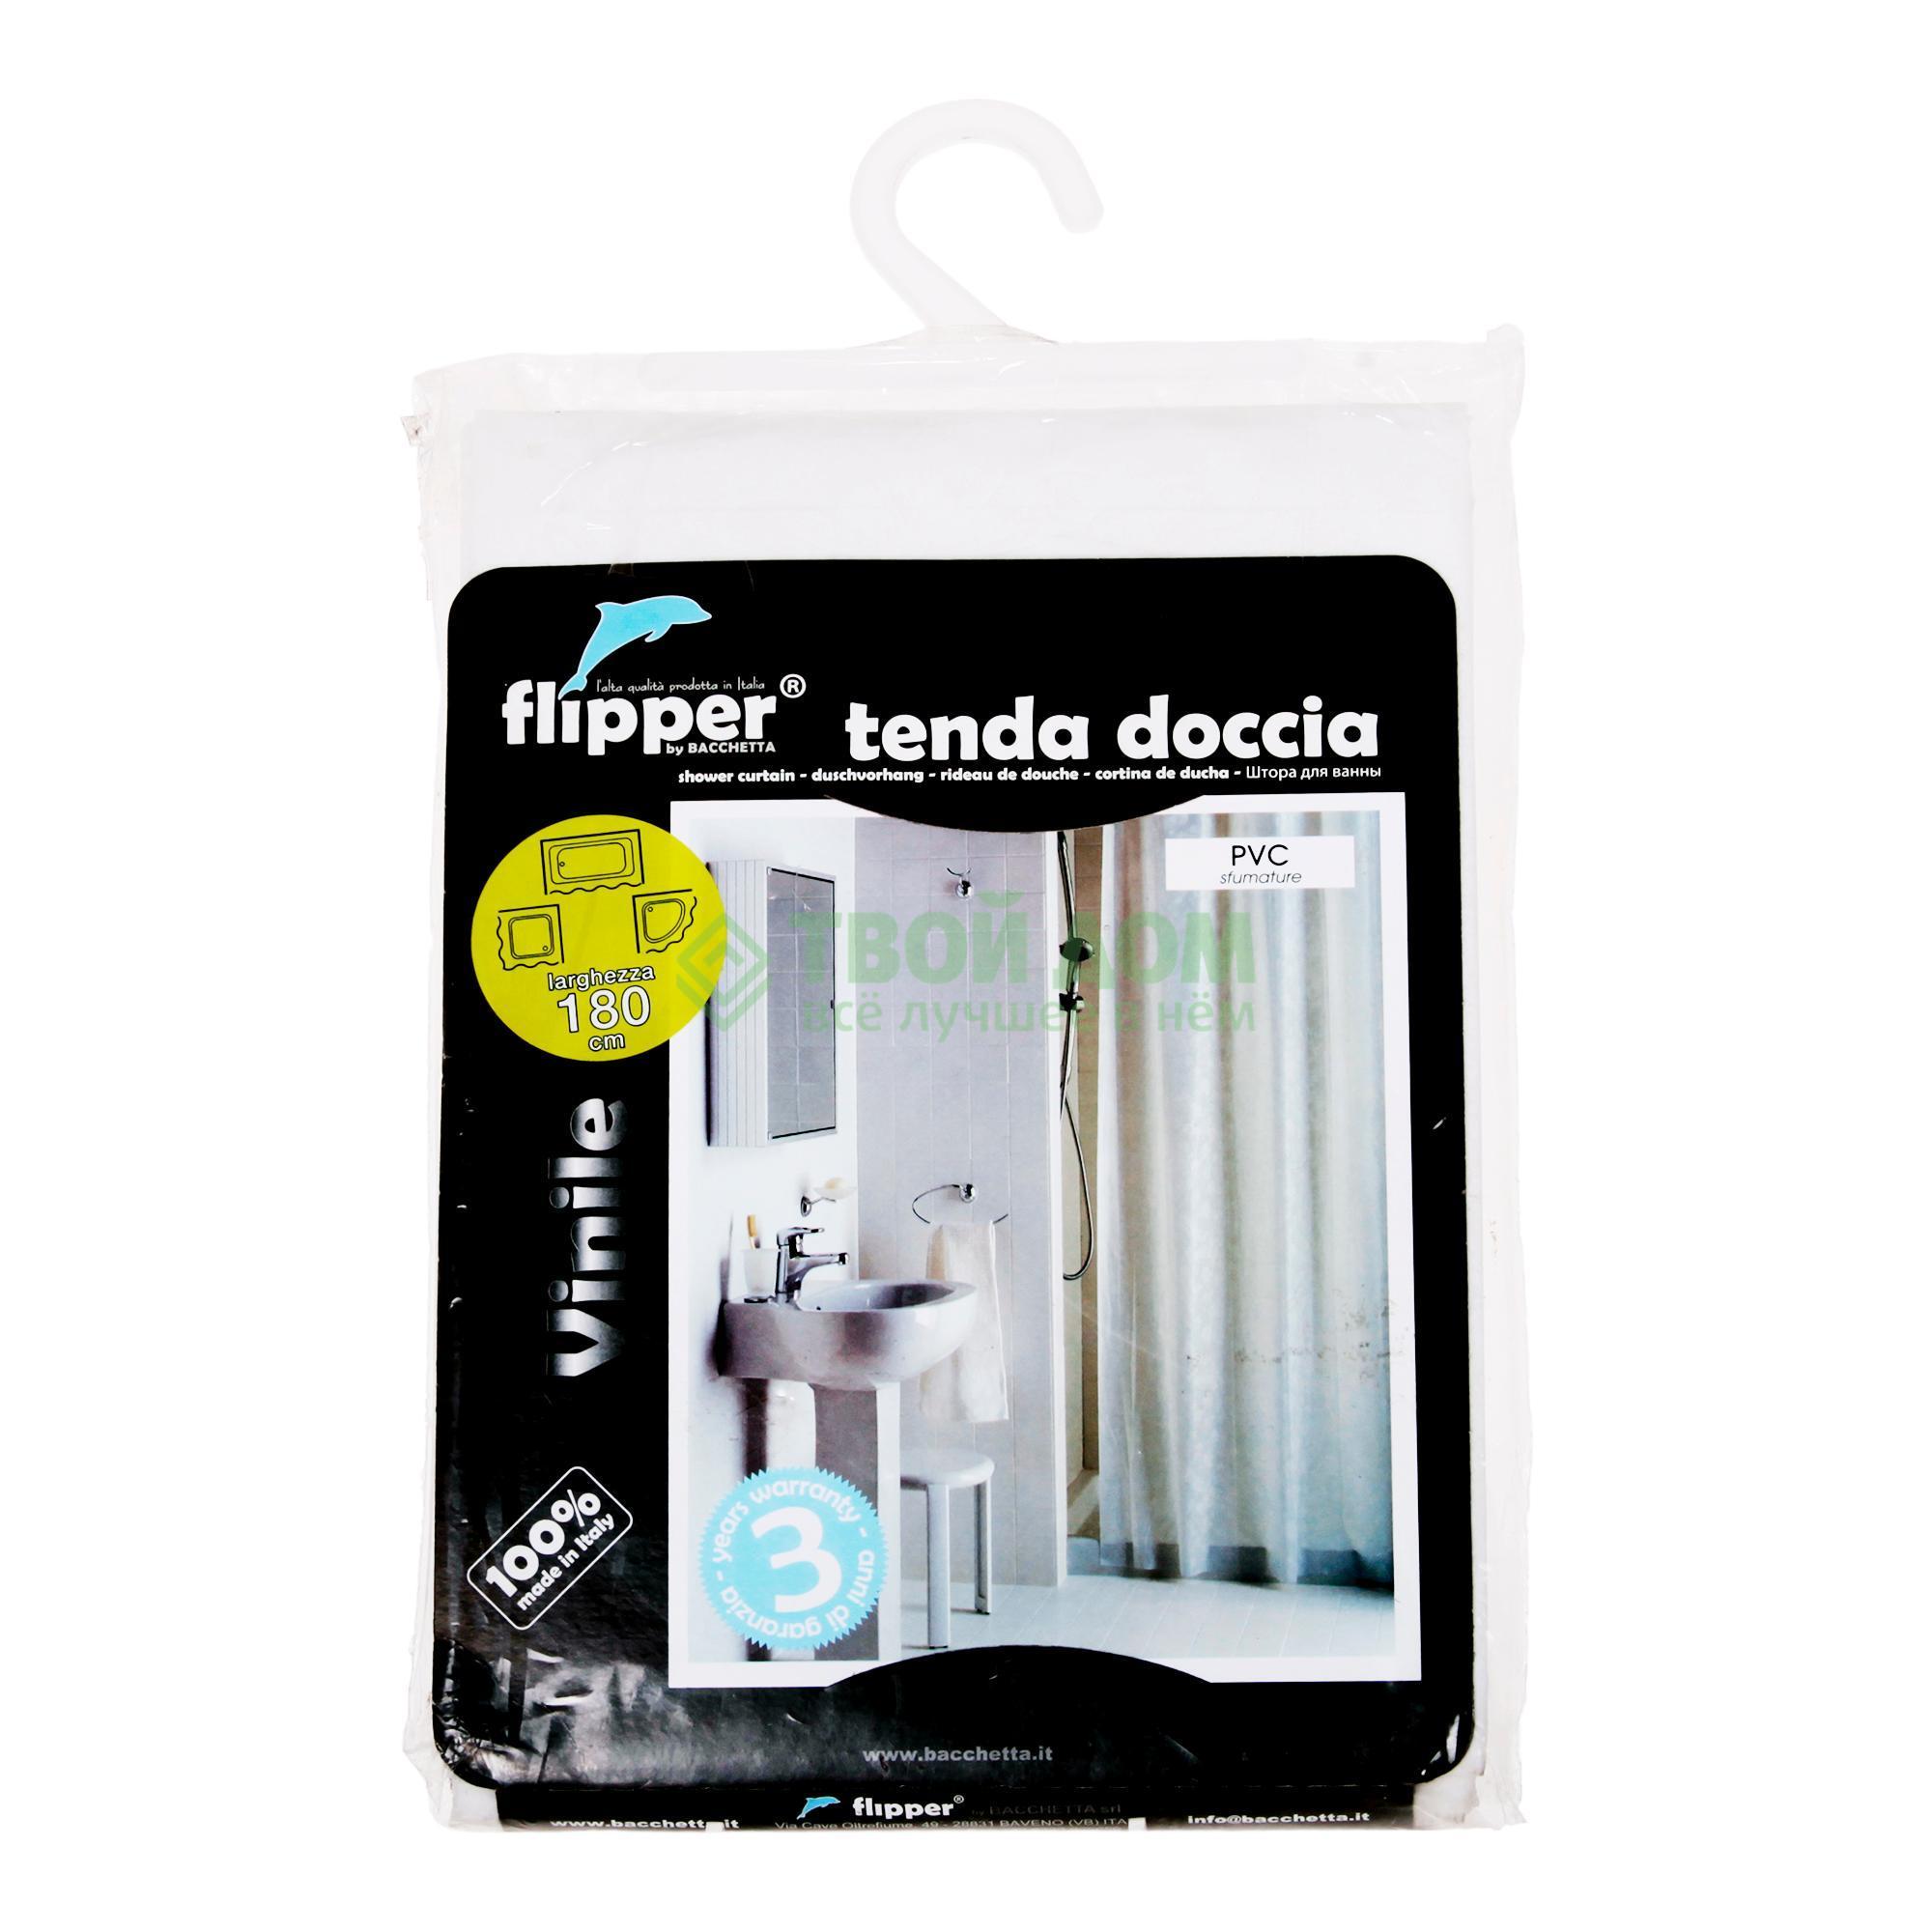 Купить Штора для ванной комнаты Bacchetta Sfumaure 180x200 (40107921600/107921600), штора для ванной комнаты, Италия, белый, винил